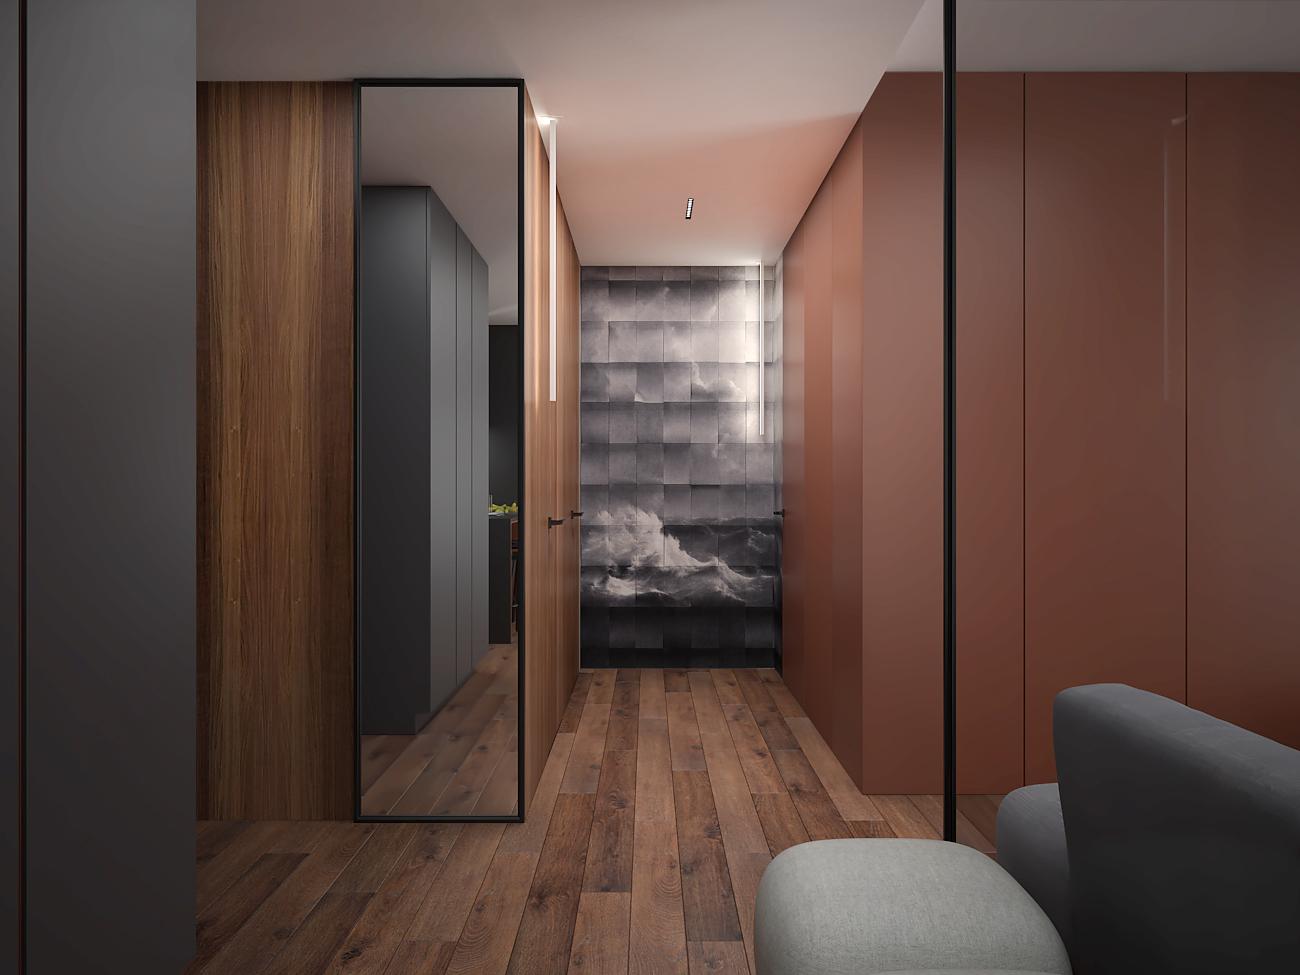 10 aranzacja wnetrza M563 mieszkanie katowice korytarz lustro w czarnej ramie tapeta z wzorem 3d plyta meblowa na scianie fornirowana sciana